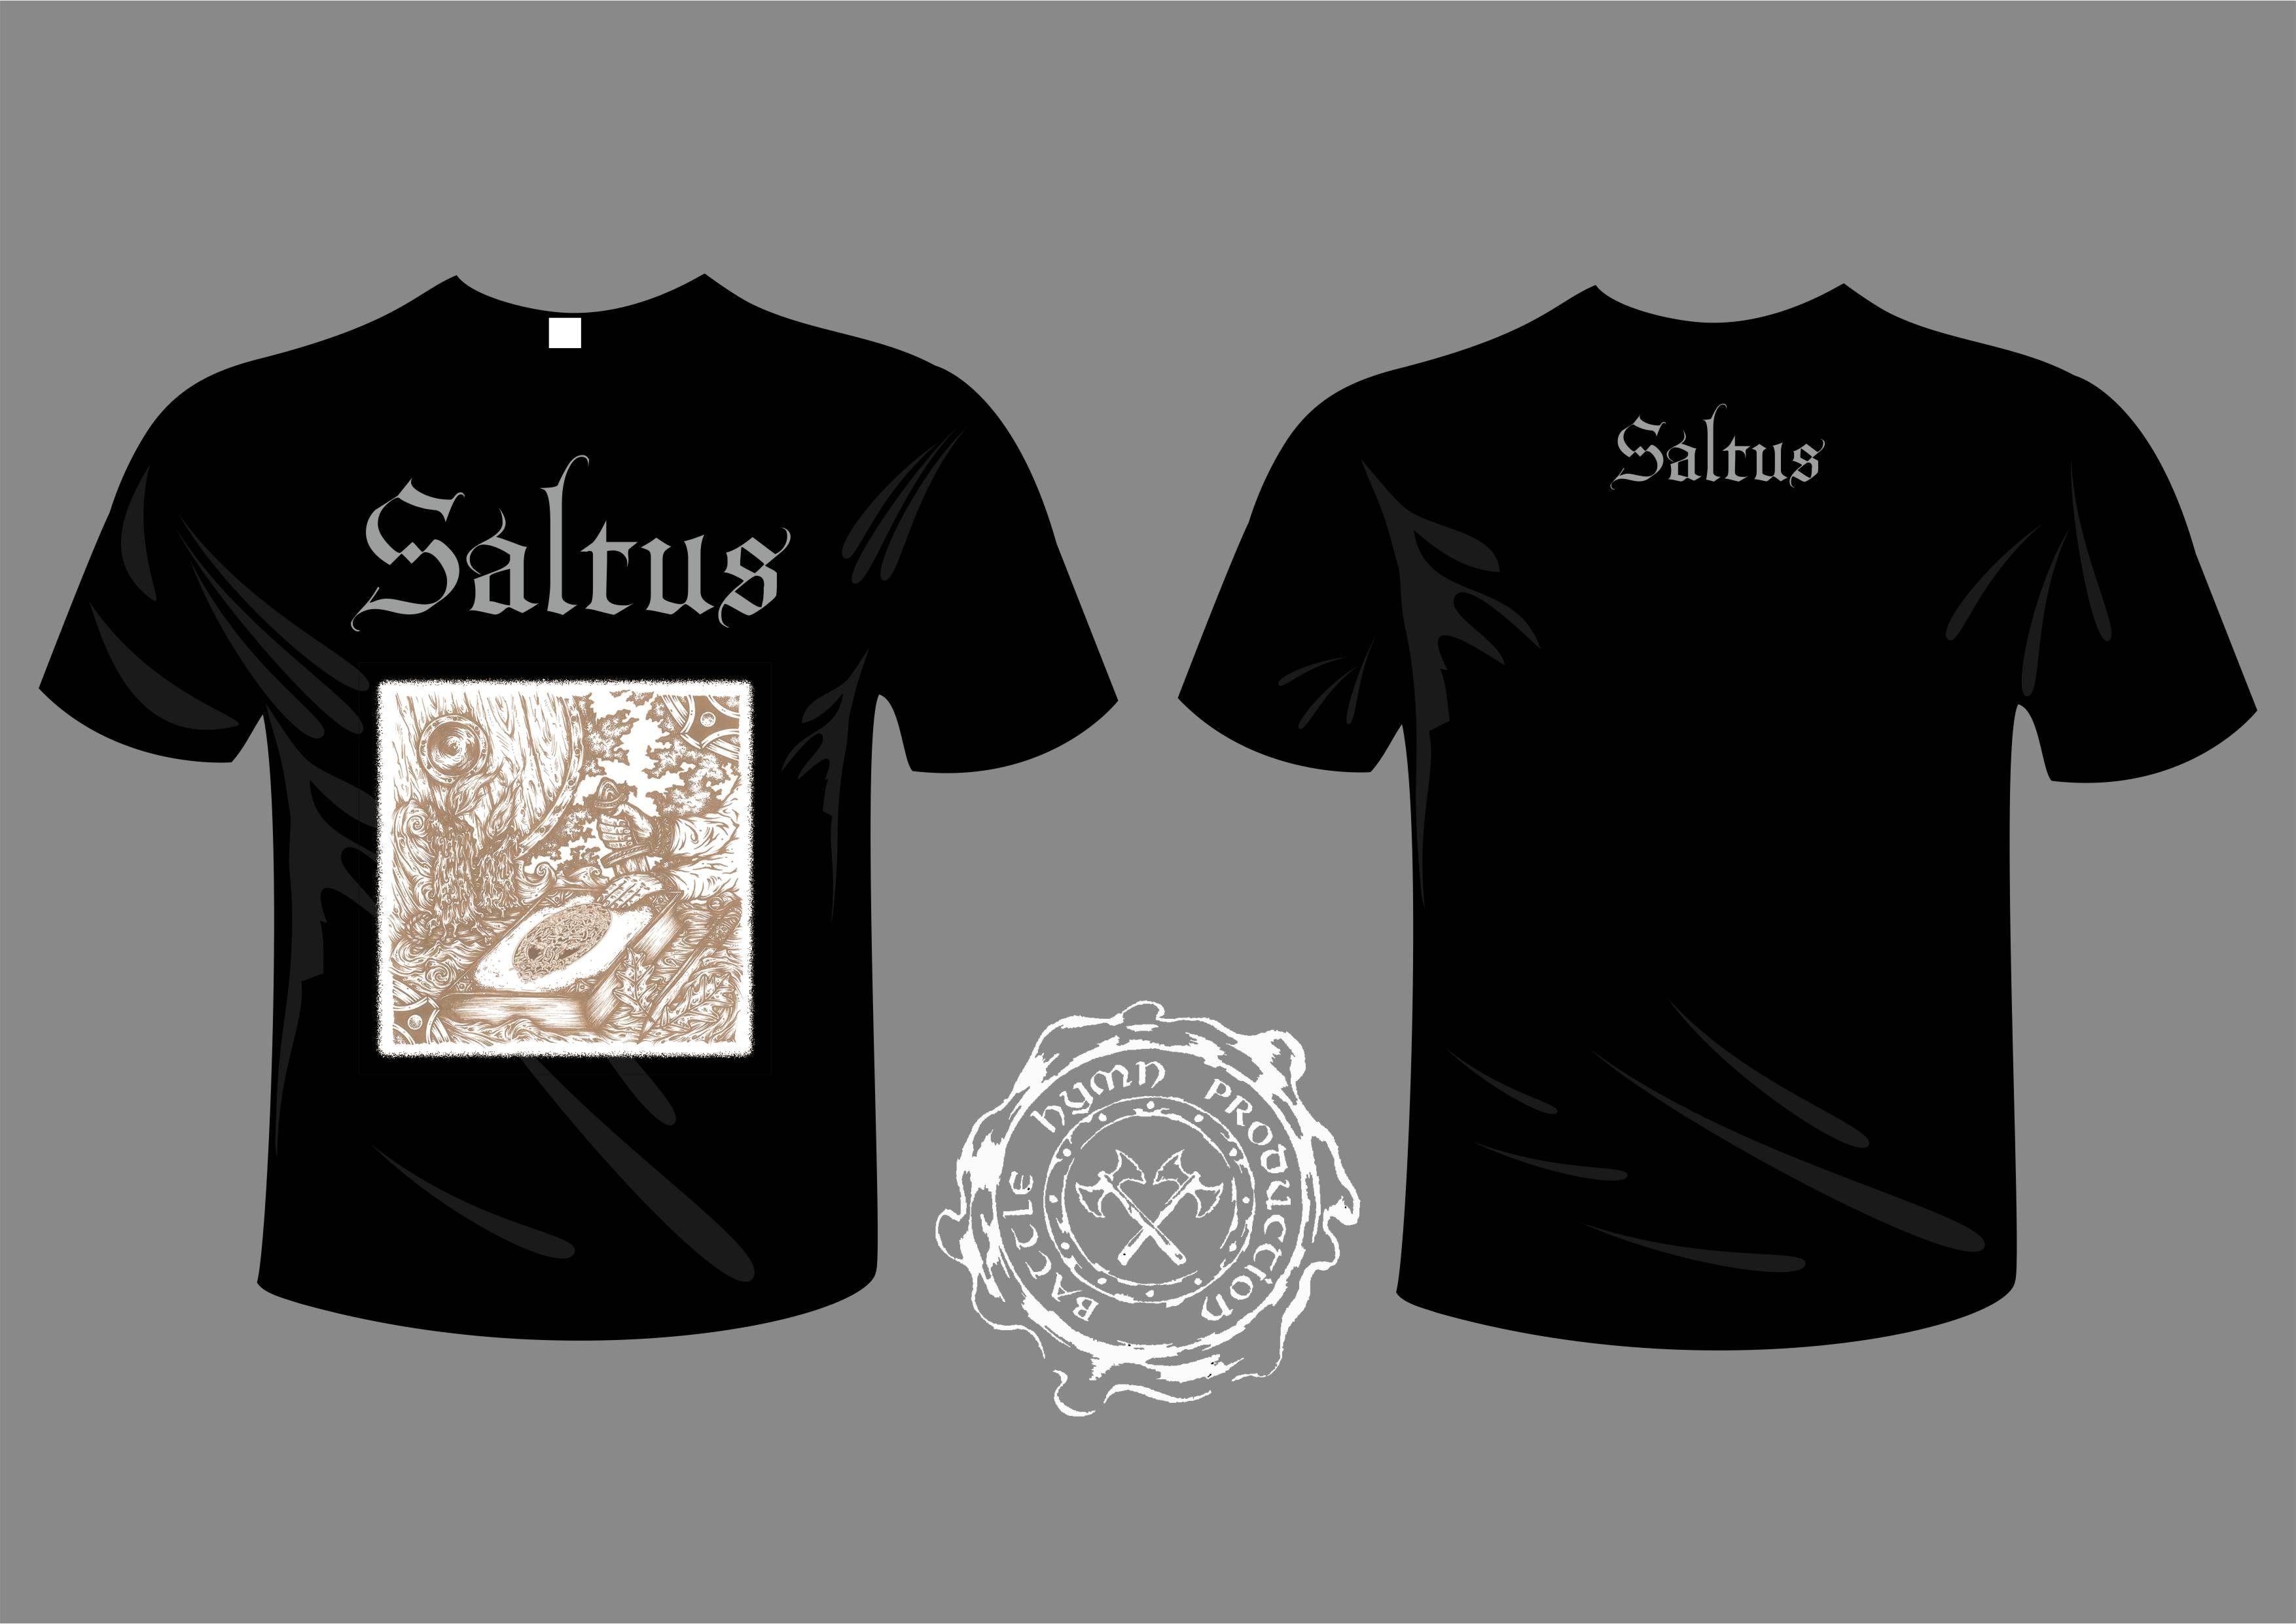 Koszulka Saltus – Opowieści z przeszłości